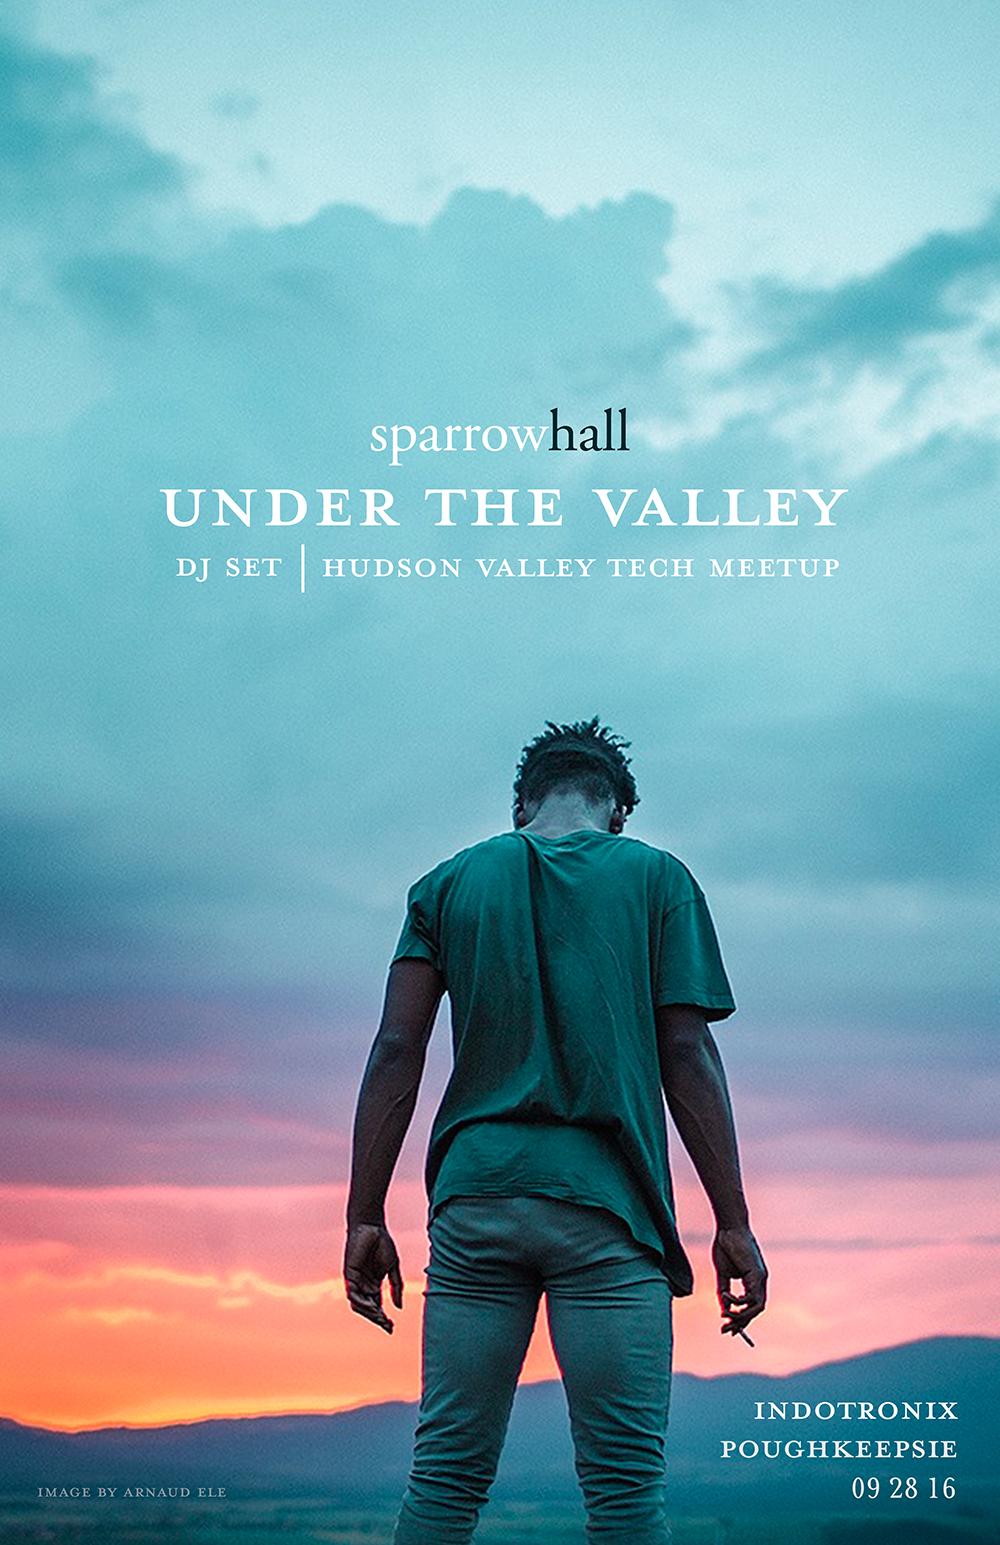 Under the Valley | DJ Set | Hudson Valley Tech Meetup